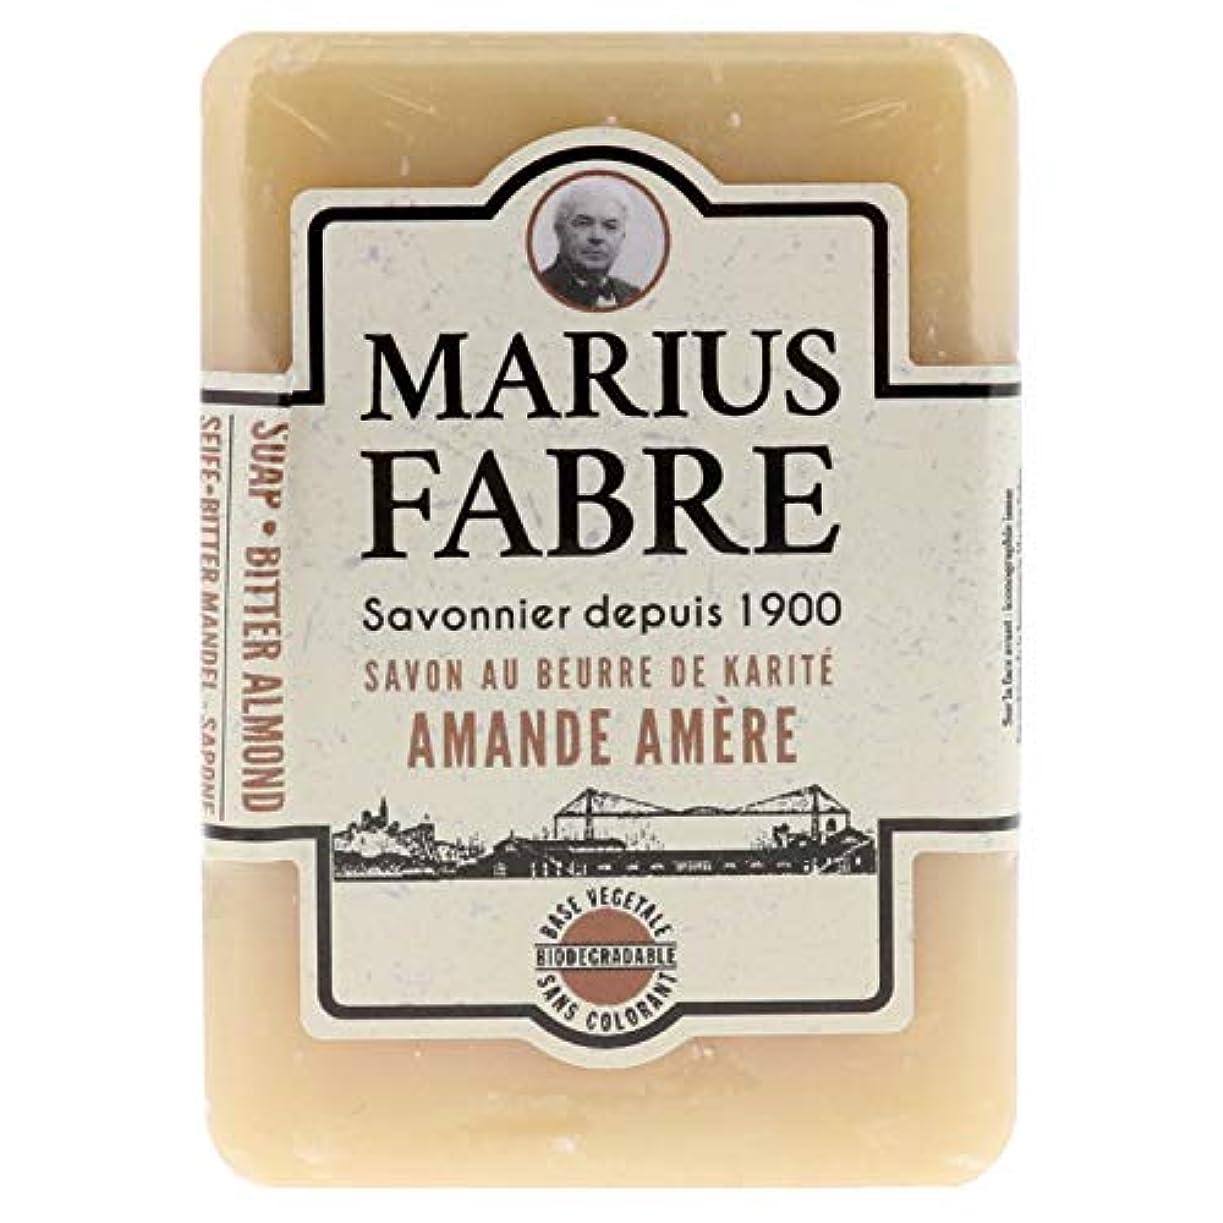 飲料力強い魂サボンドマルセイユ 1900 ビターアーモンド 150g